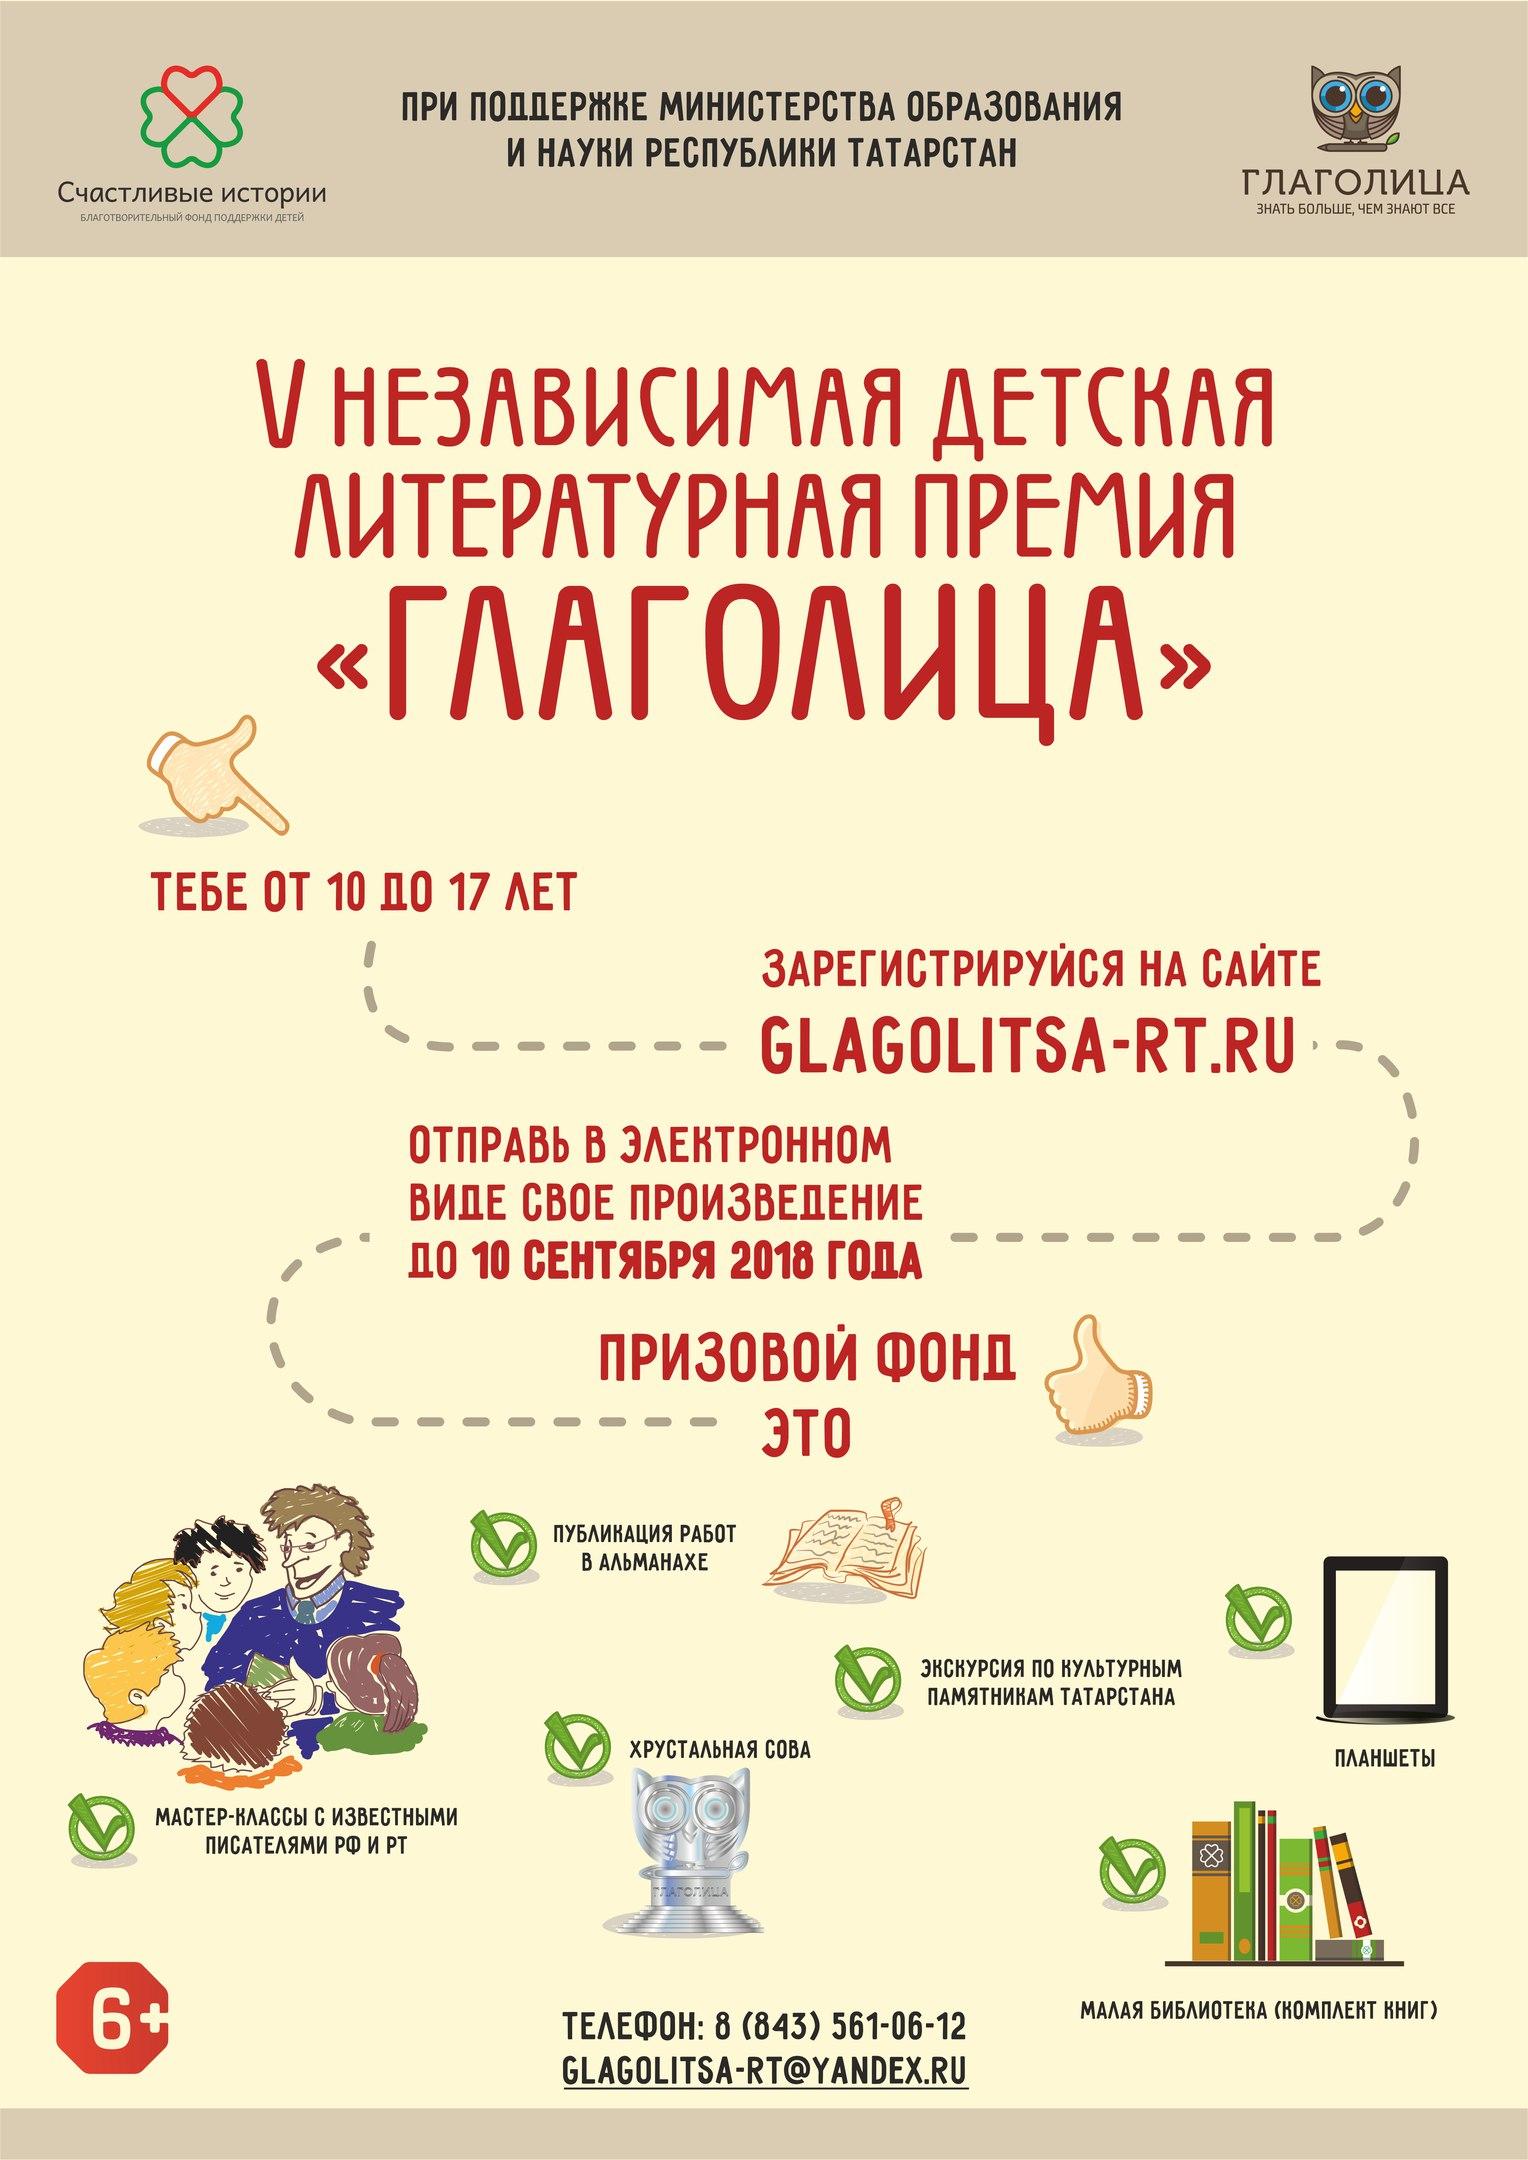 V детская литературная премия «Глаголица» начала прием заявок